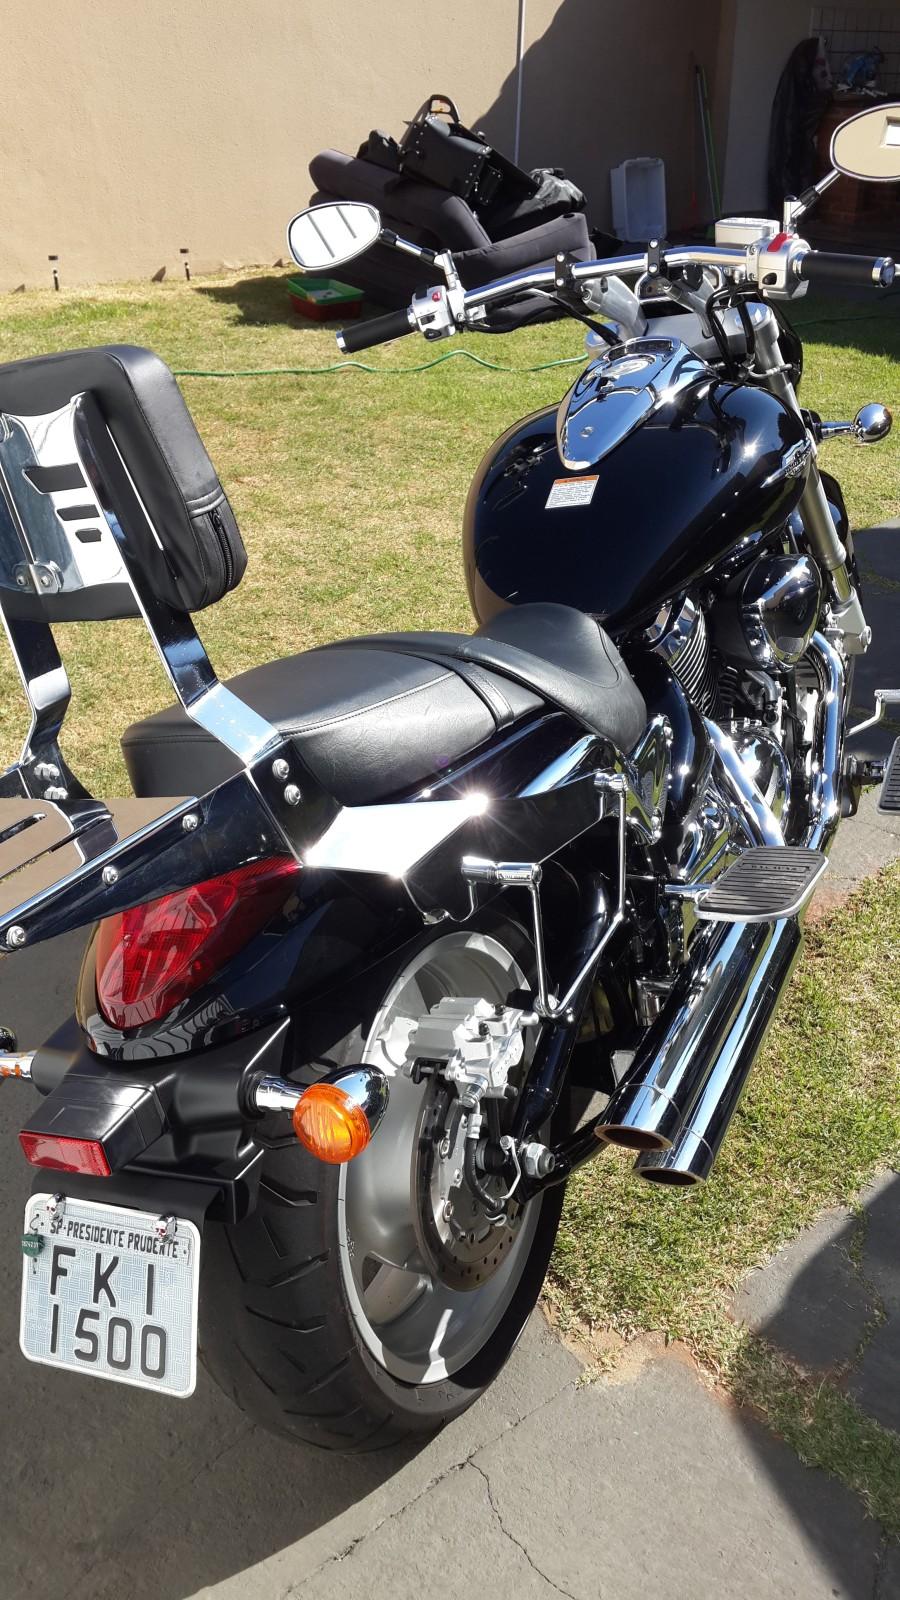 [Nova Moto] Suzuki Boulevard M1500 - clatyler 14w4x76